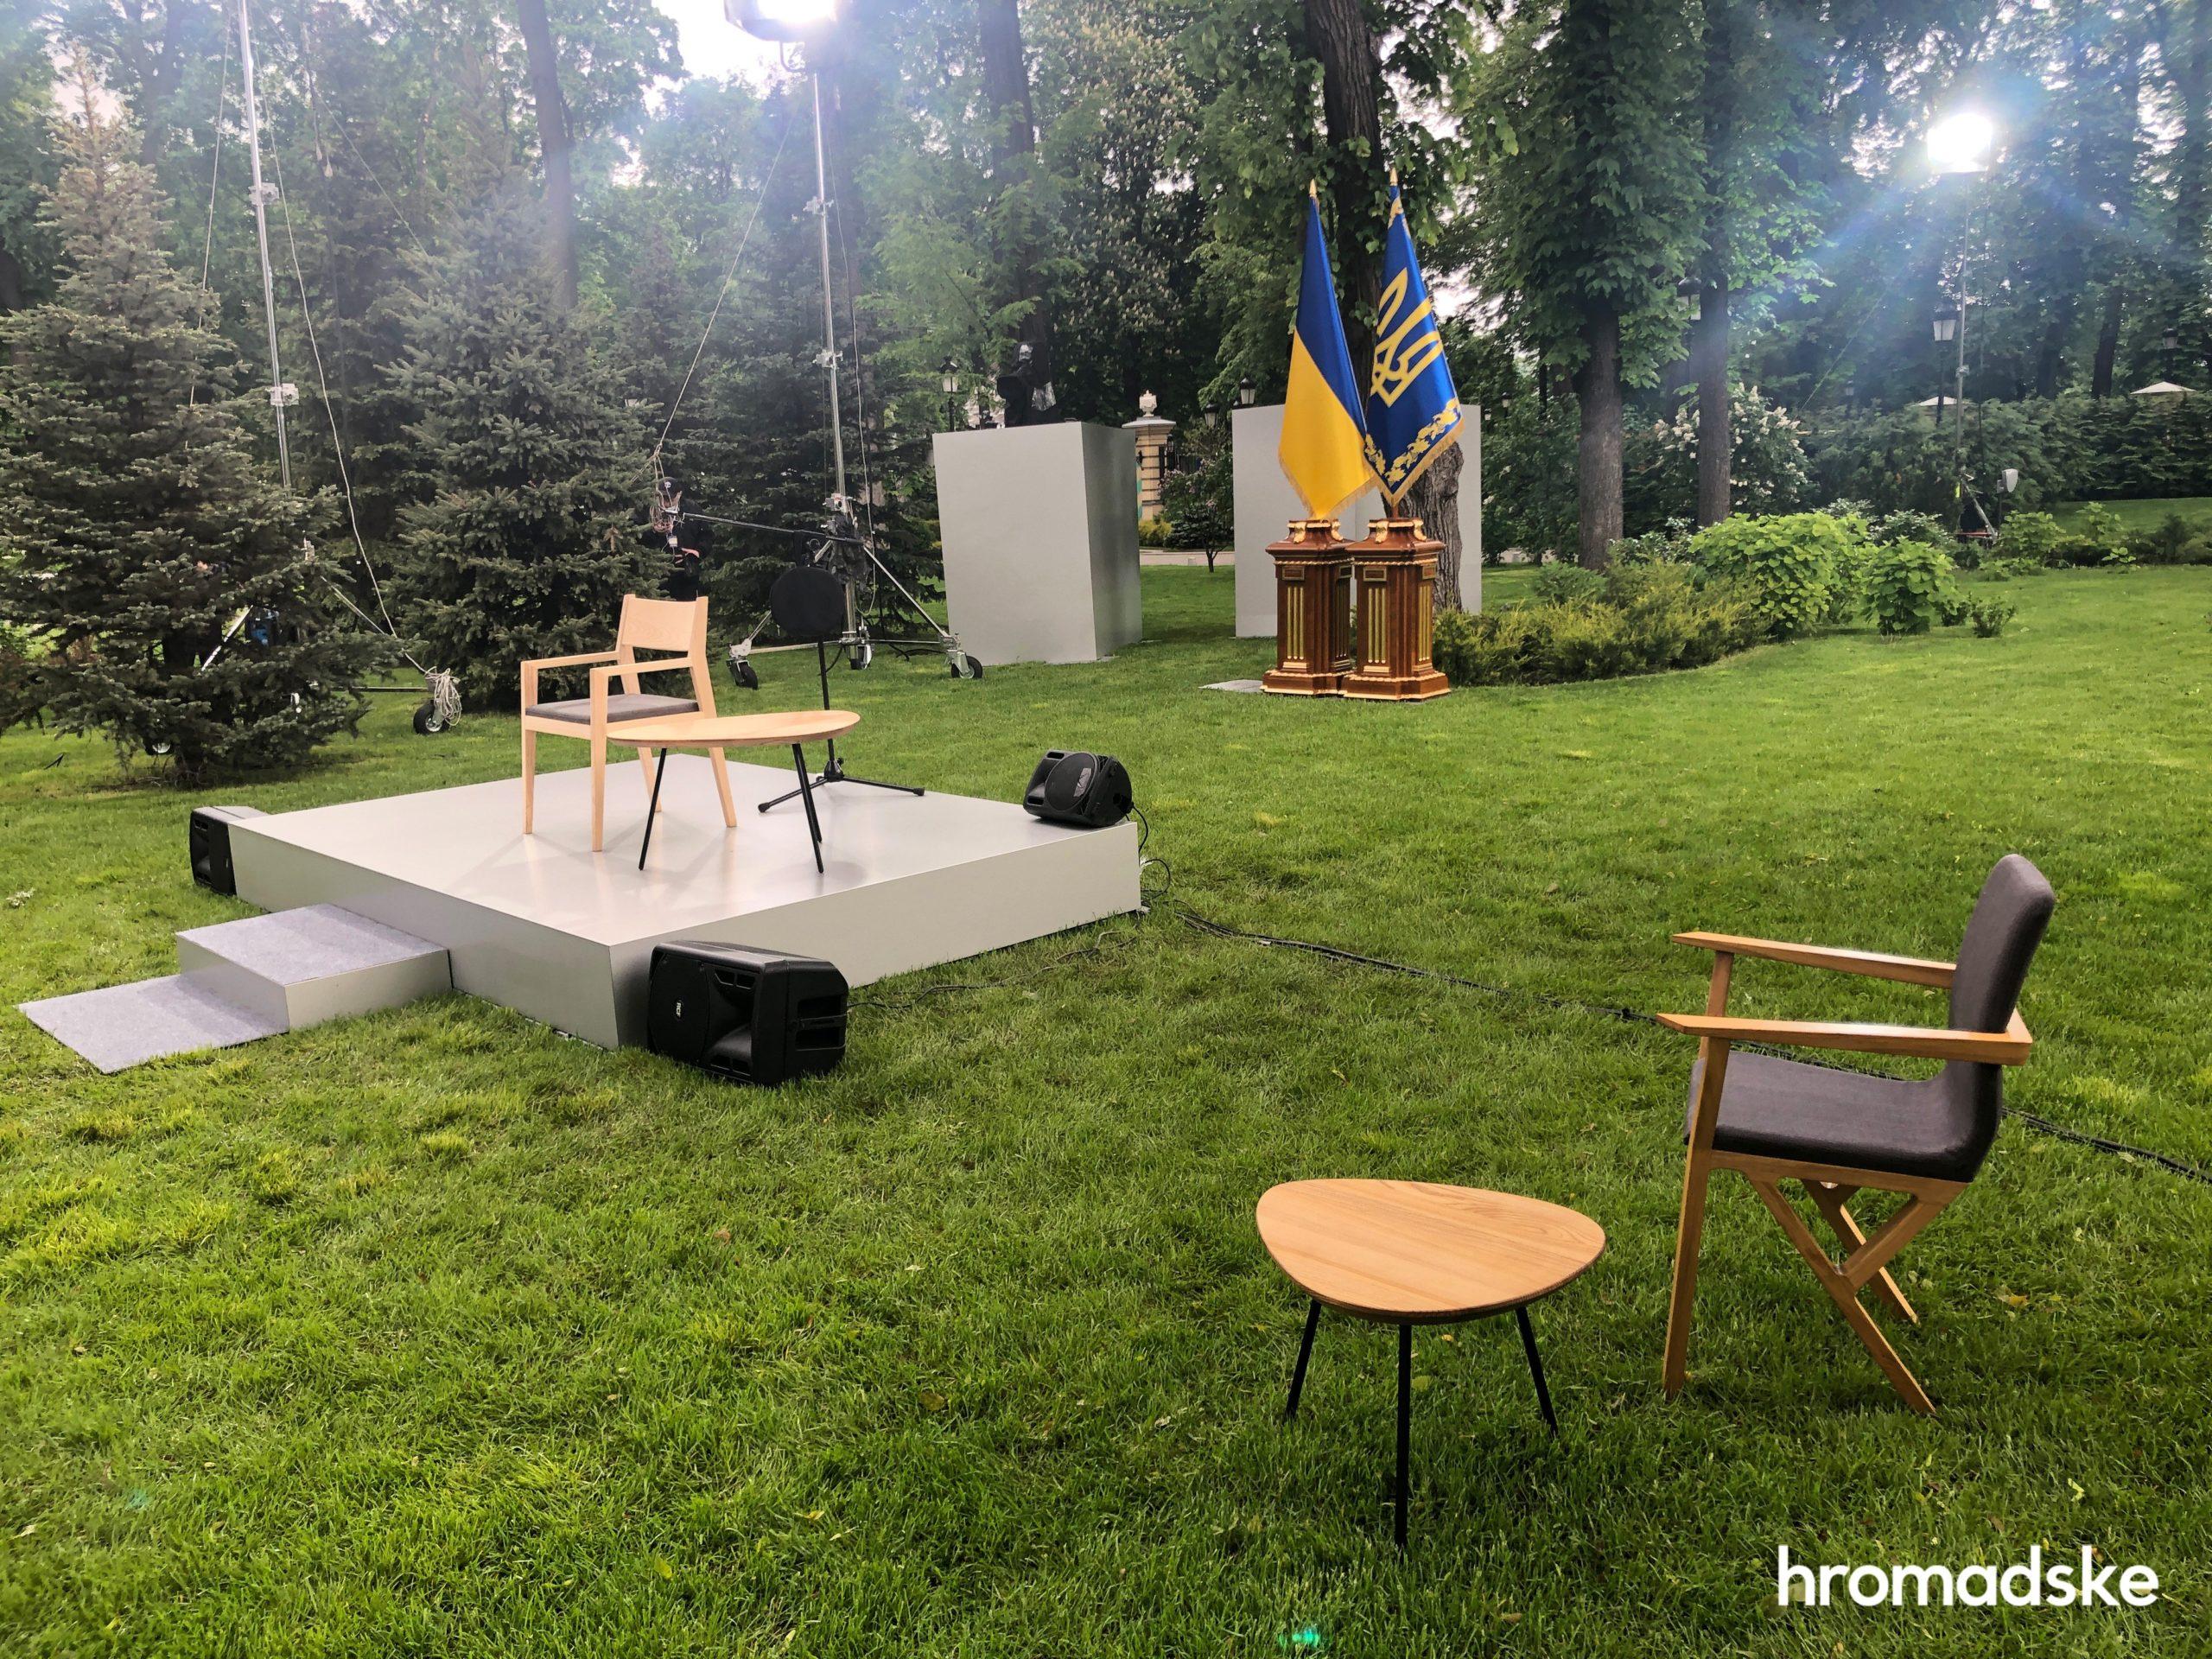 Зеленський сьогодні дає велику прес-конференцію в Маріїнському парку